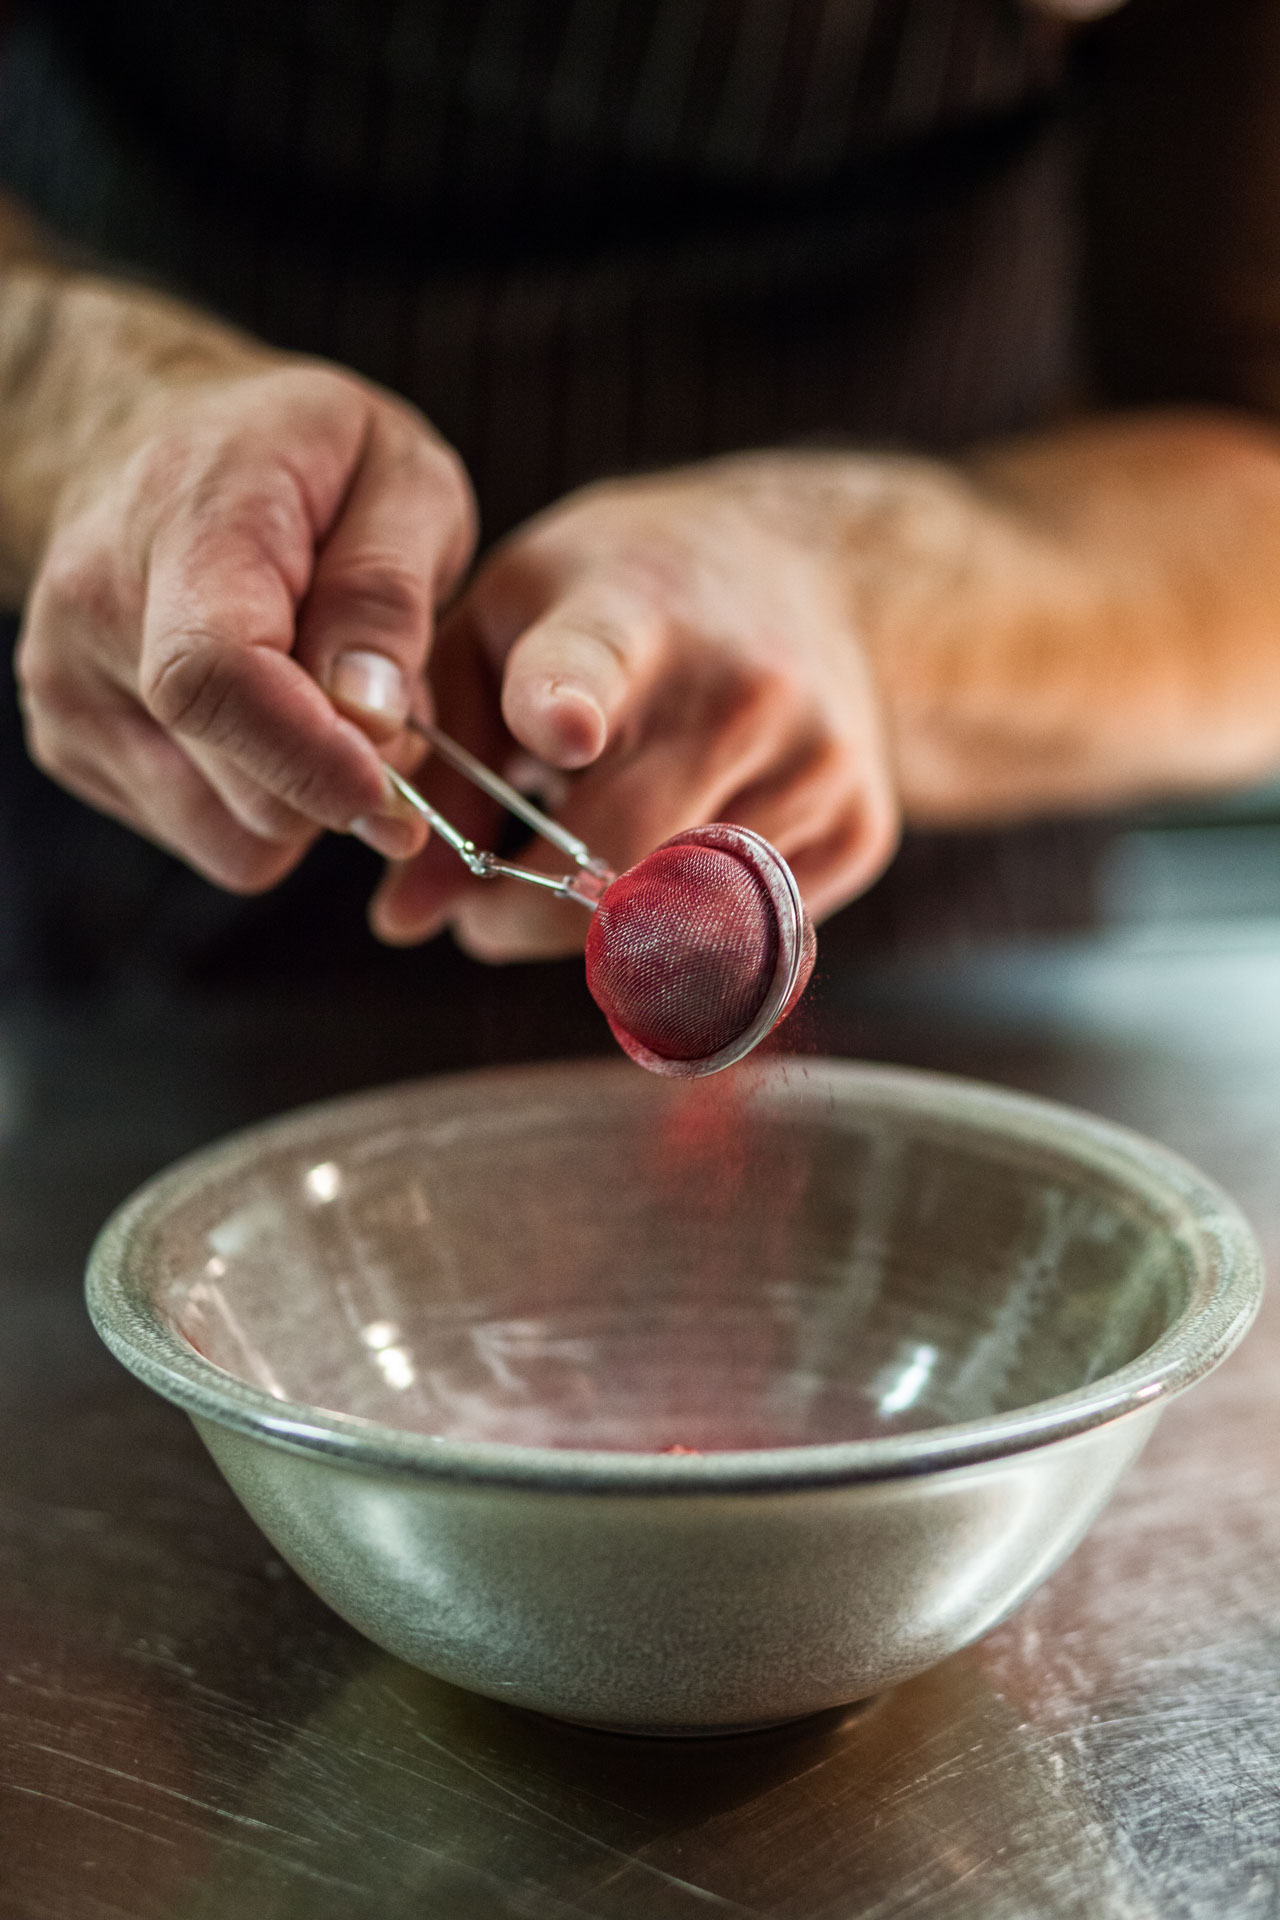 Michelin Star Chef Radek Kasparek preparing beetroot in the kitchen of his restaurant Field